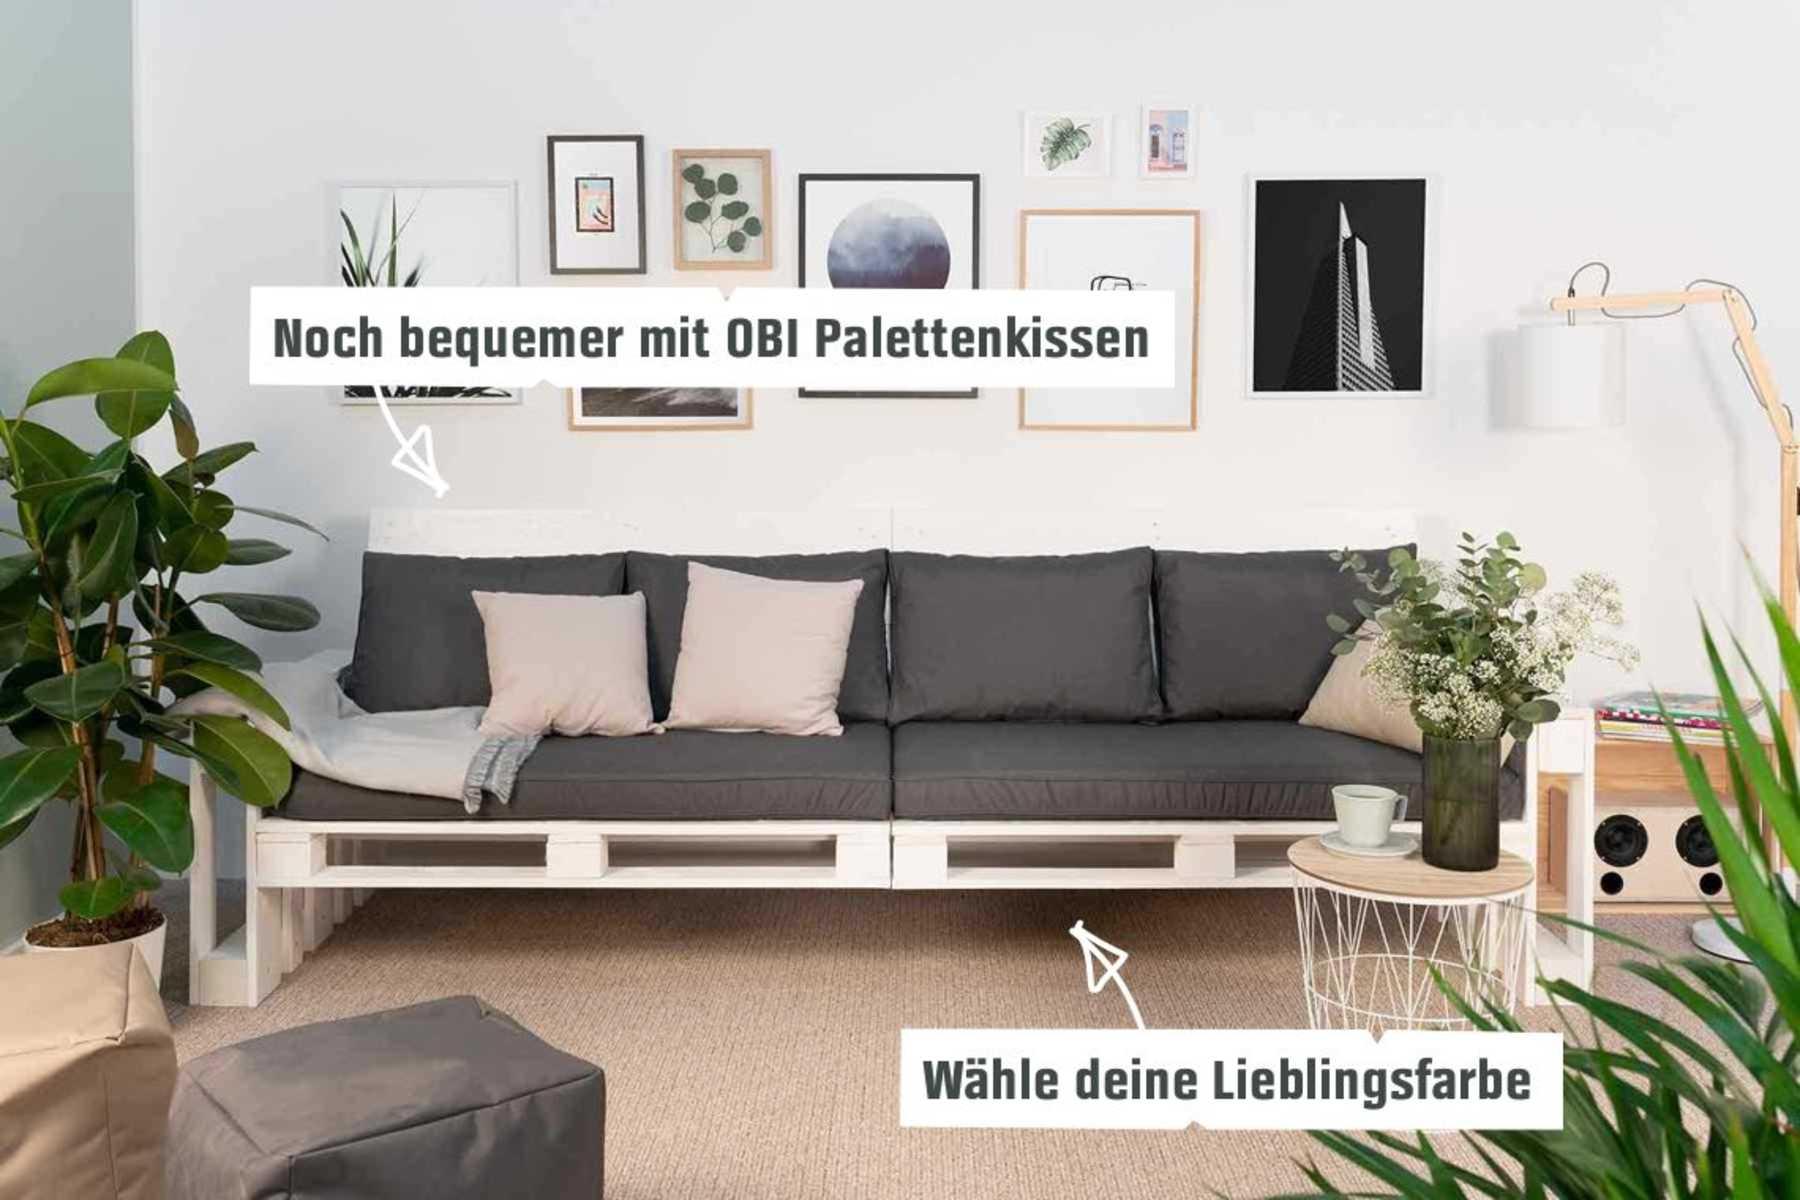 couch chillig 2er selber bauen palettenm bel obi. Black Bedroom Furniture Sets. Home Design Ideas